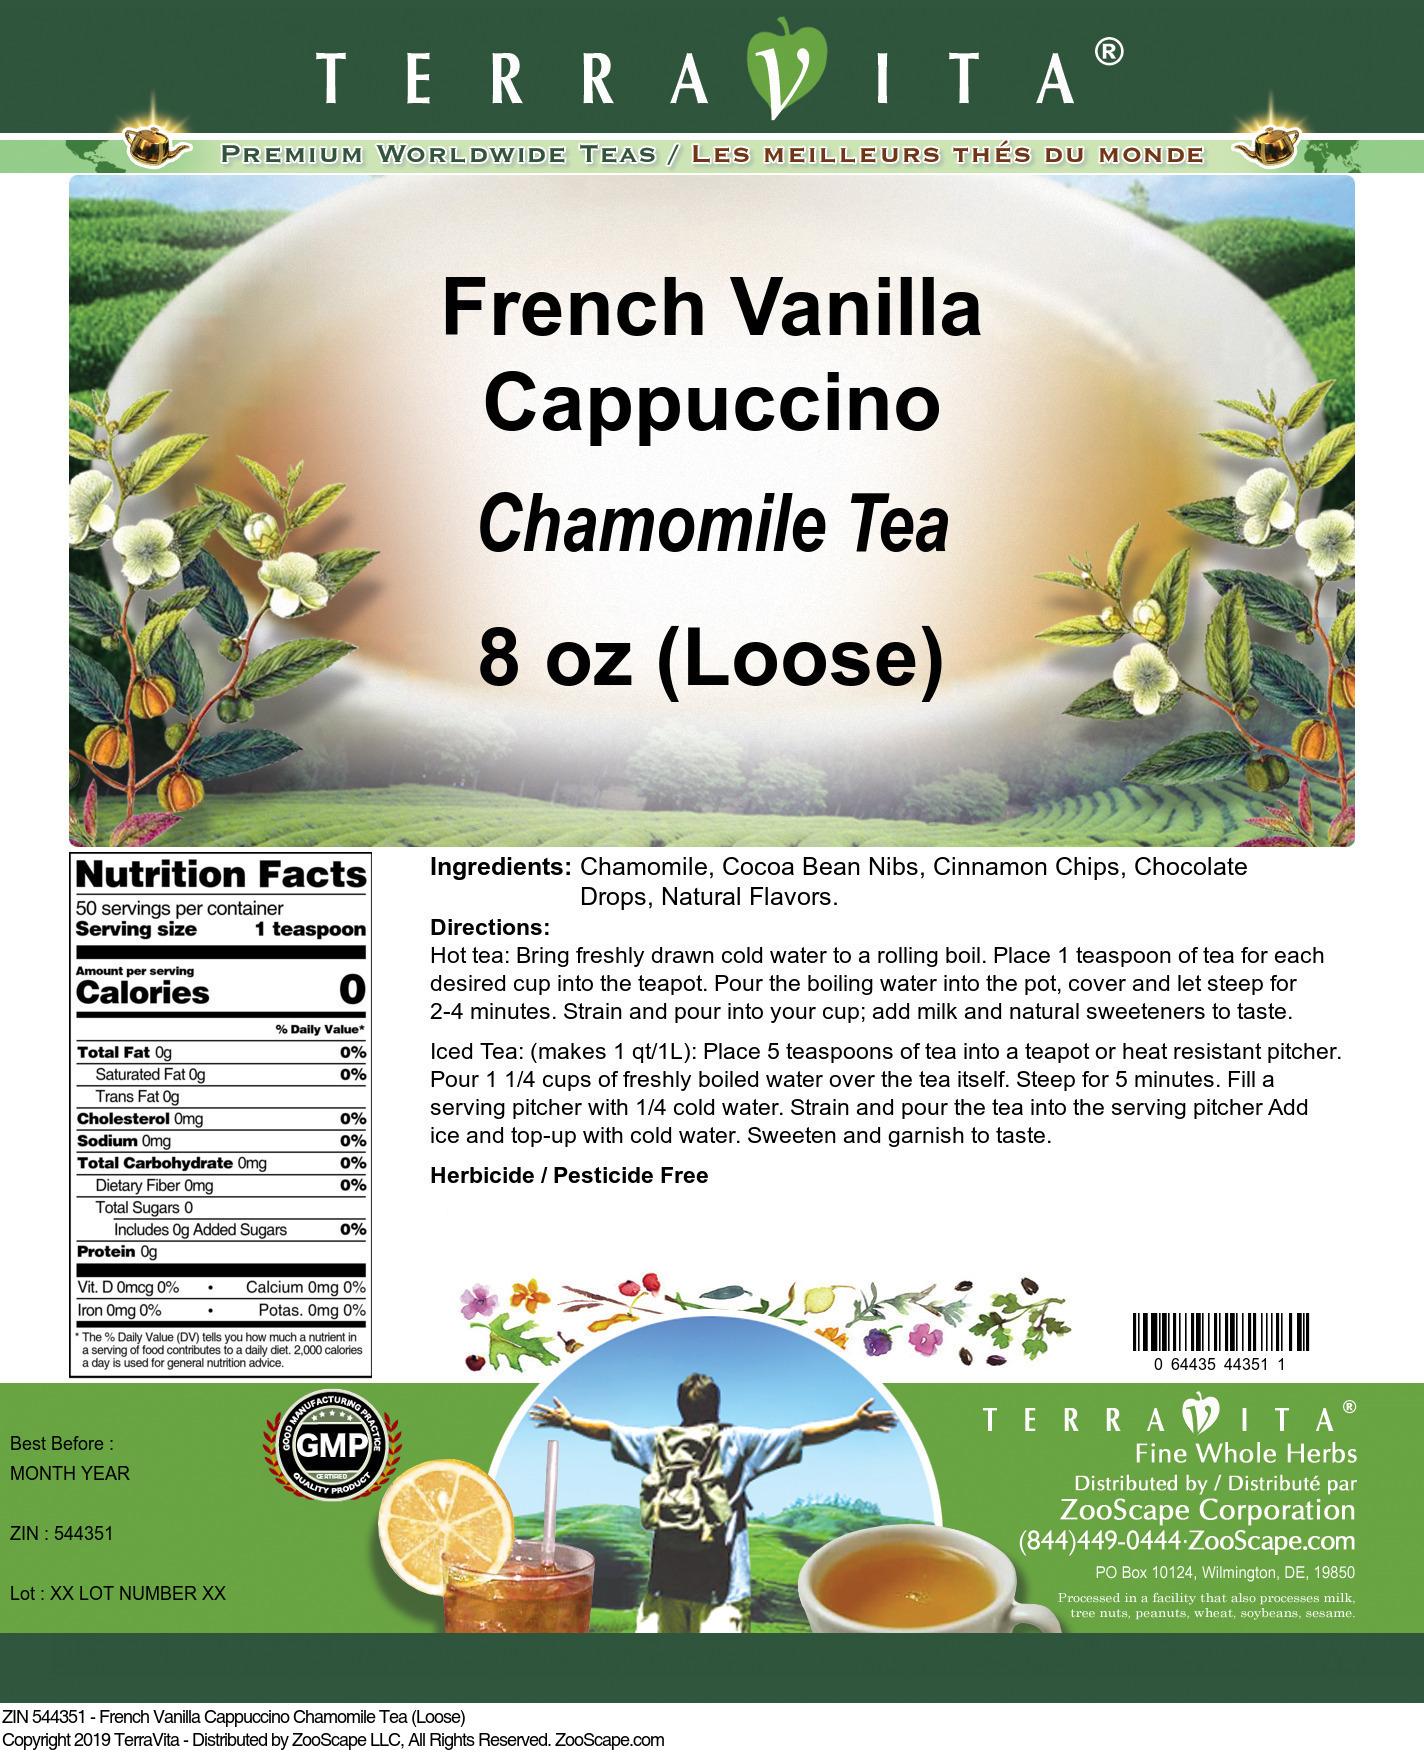 French Vanilla Cappuccino Chamomile Tea